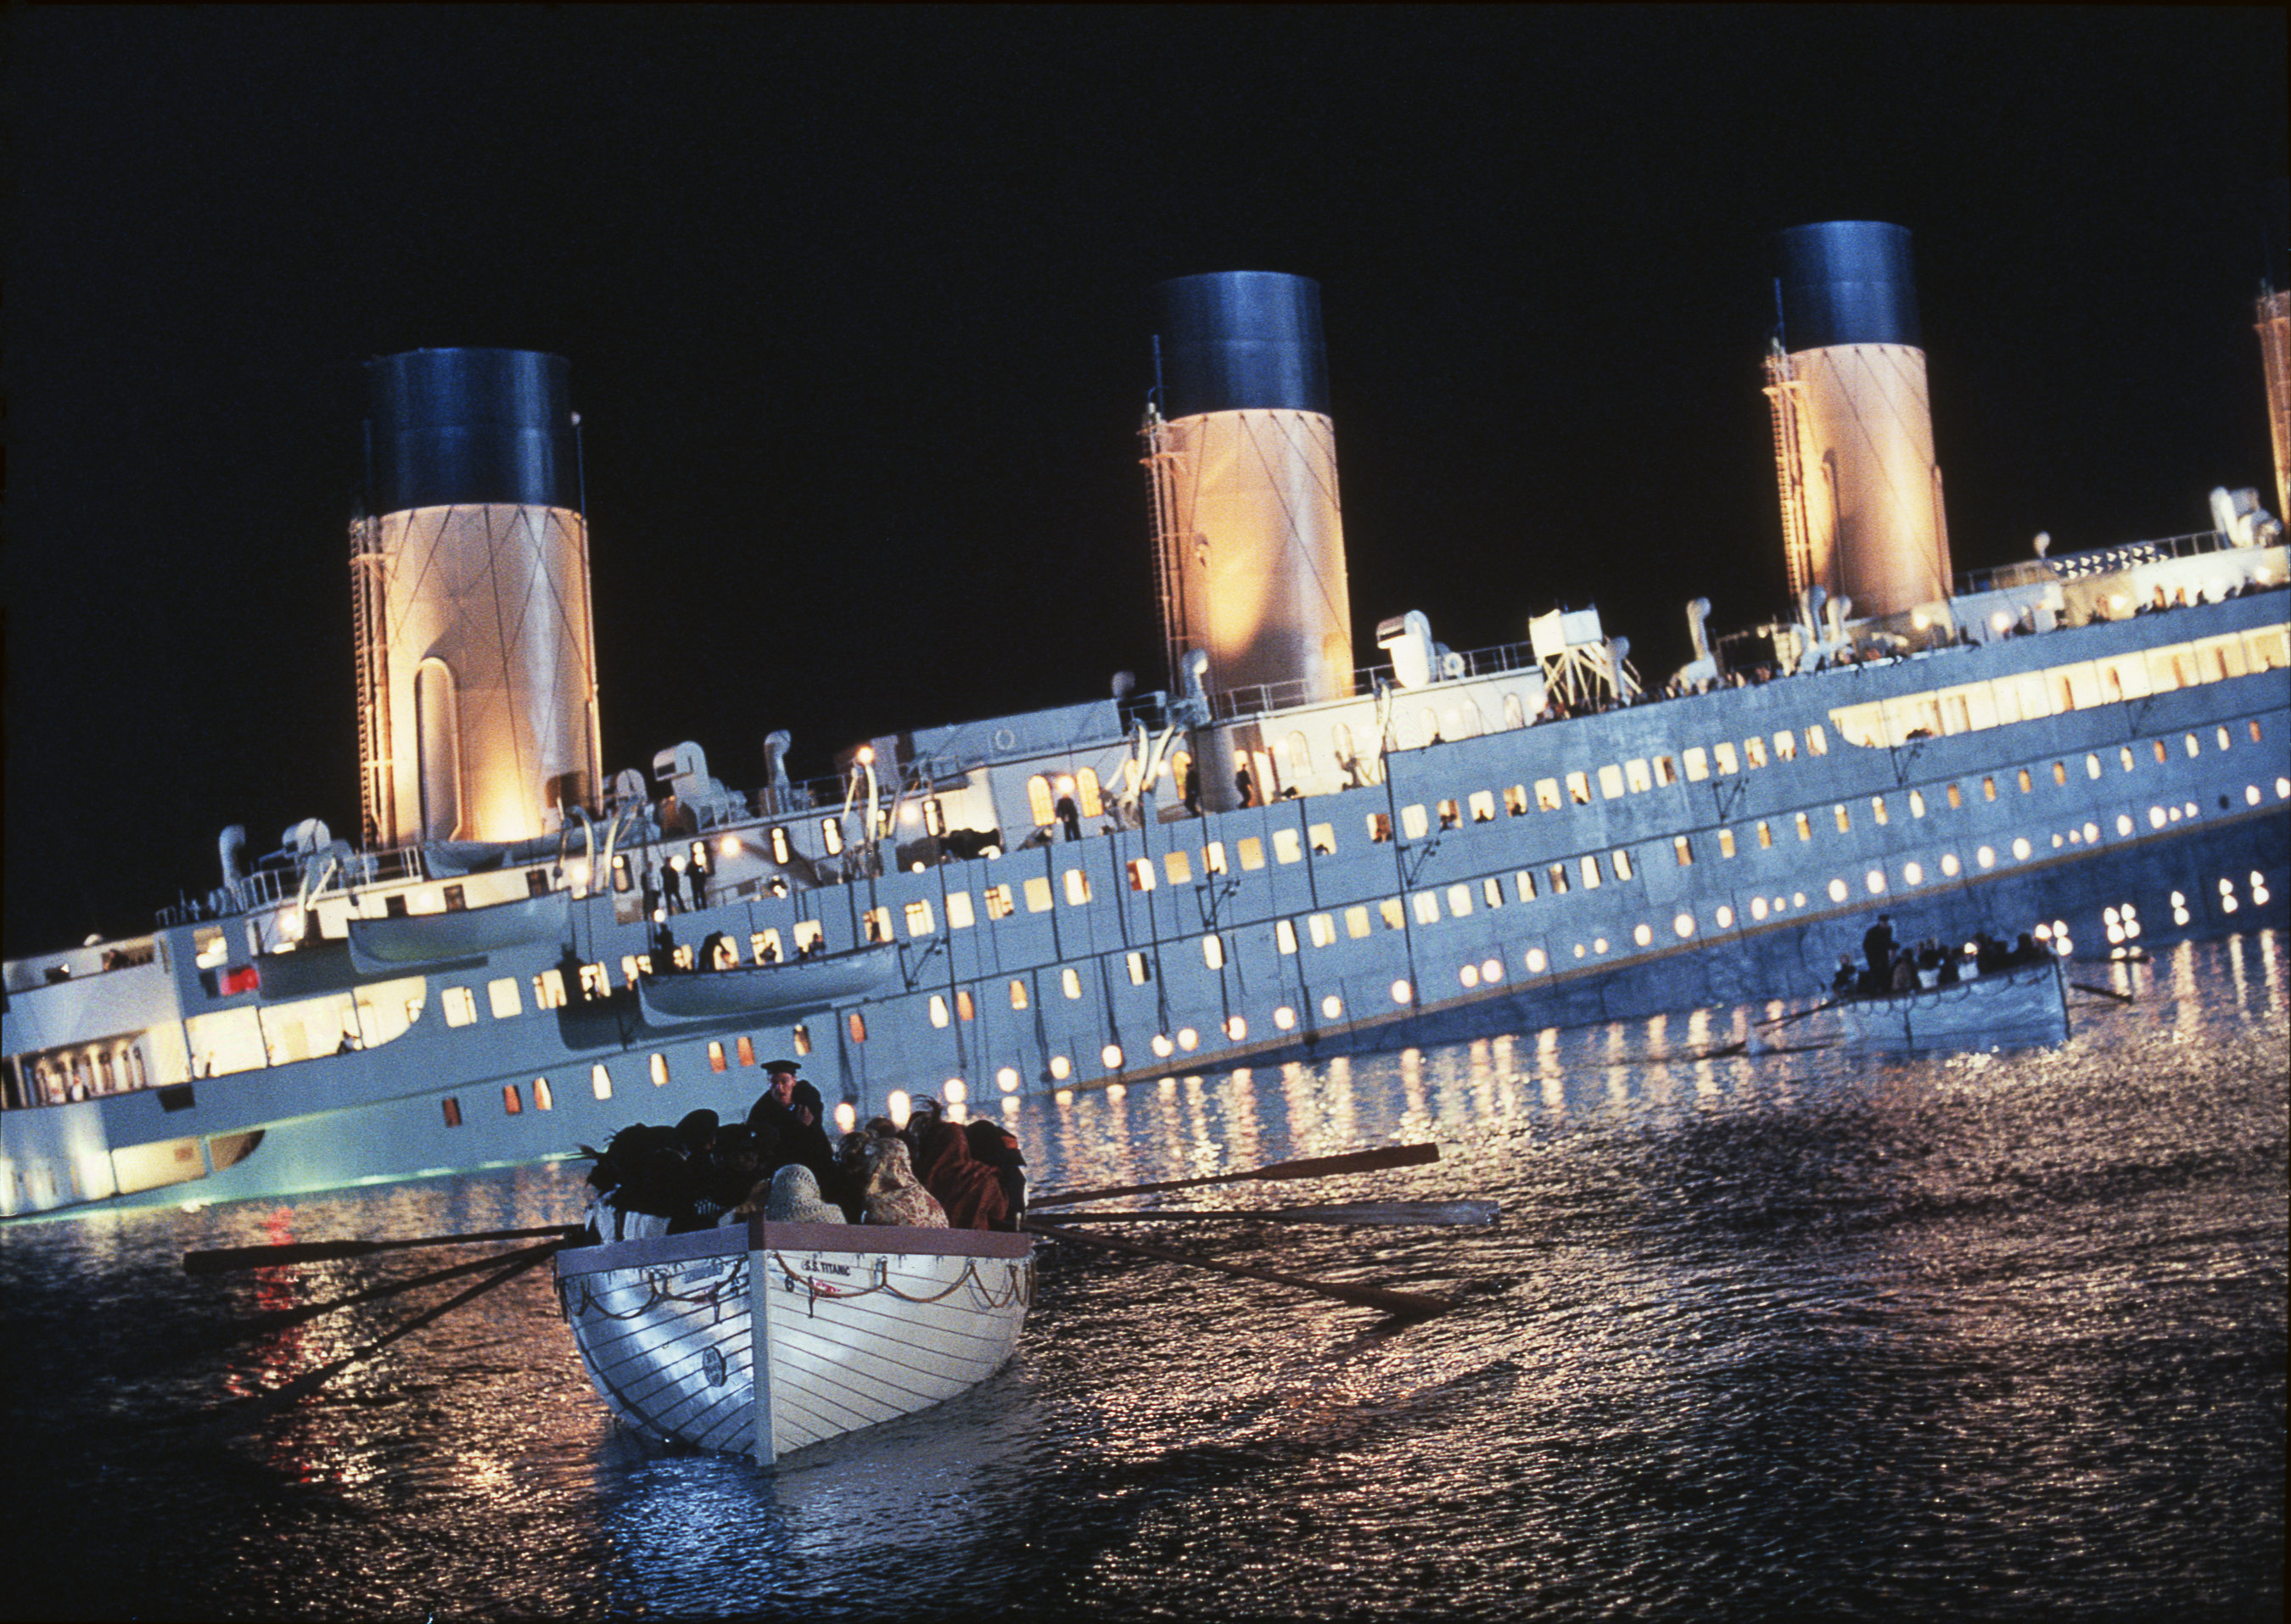 O naufrágio do Titanic é consequência da negação ao contraditório. O dono da White Star (empresa de navegação) exigiu que o Comandante navegasse em velocidade máxima, para chegar em Nova Iorque antes do prazo. O Comandante, sabendo dos perigos de acelerar numa época do ano de forte degelo, com alto risco de fragmentação de icebergs no caminho, tentou argumentar, mas acabou cedendo...